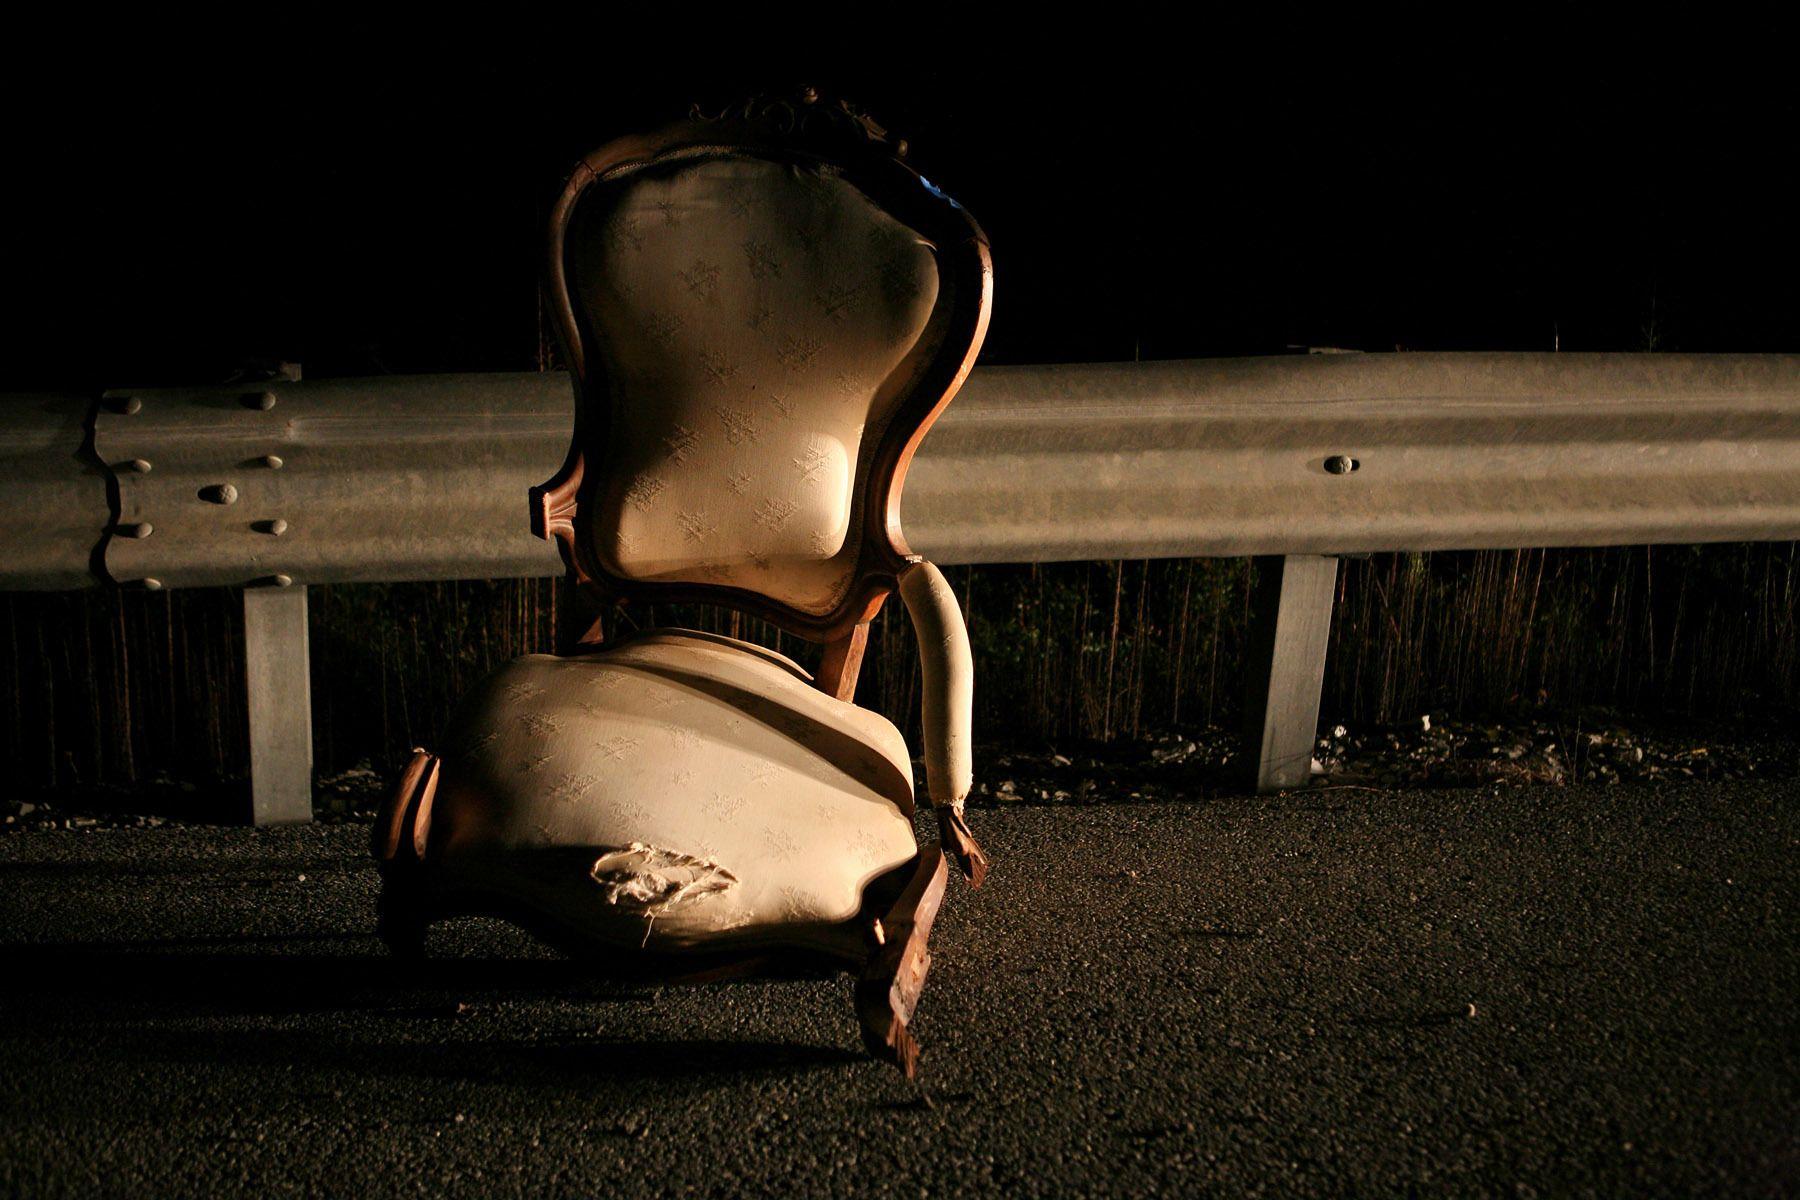 13_1renzi_hawkens_nightchair_9308phs_j.jpg